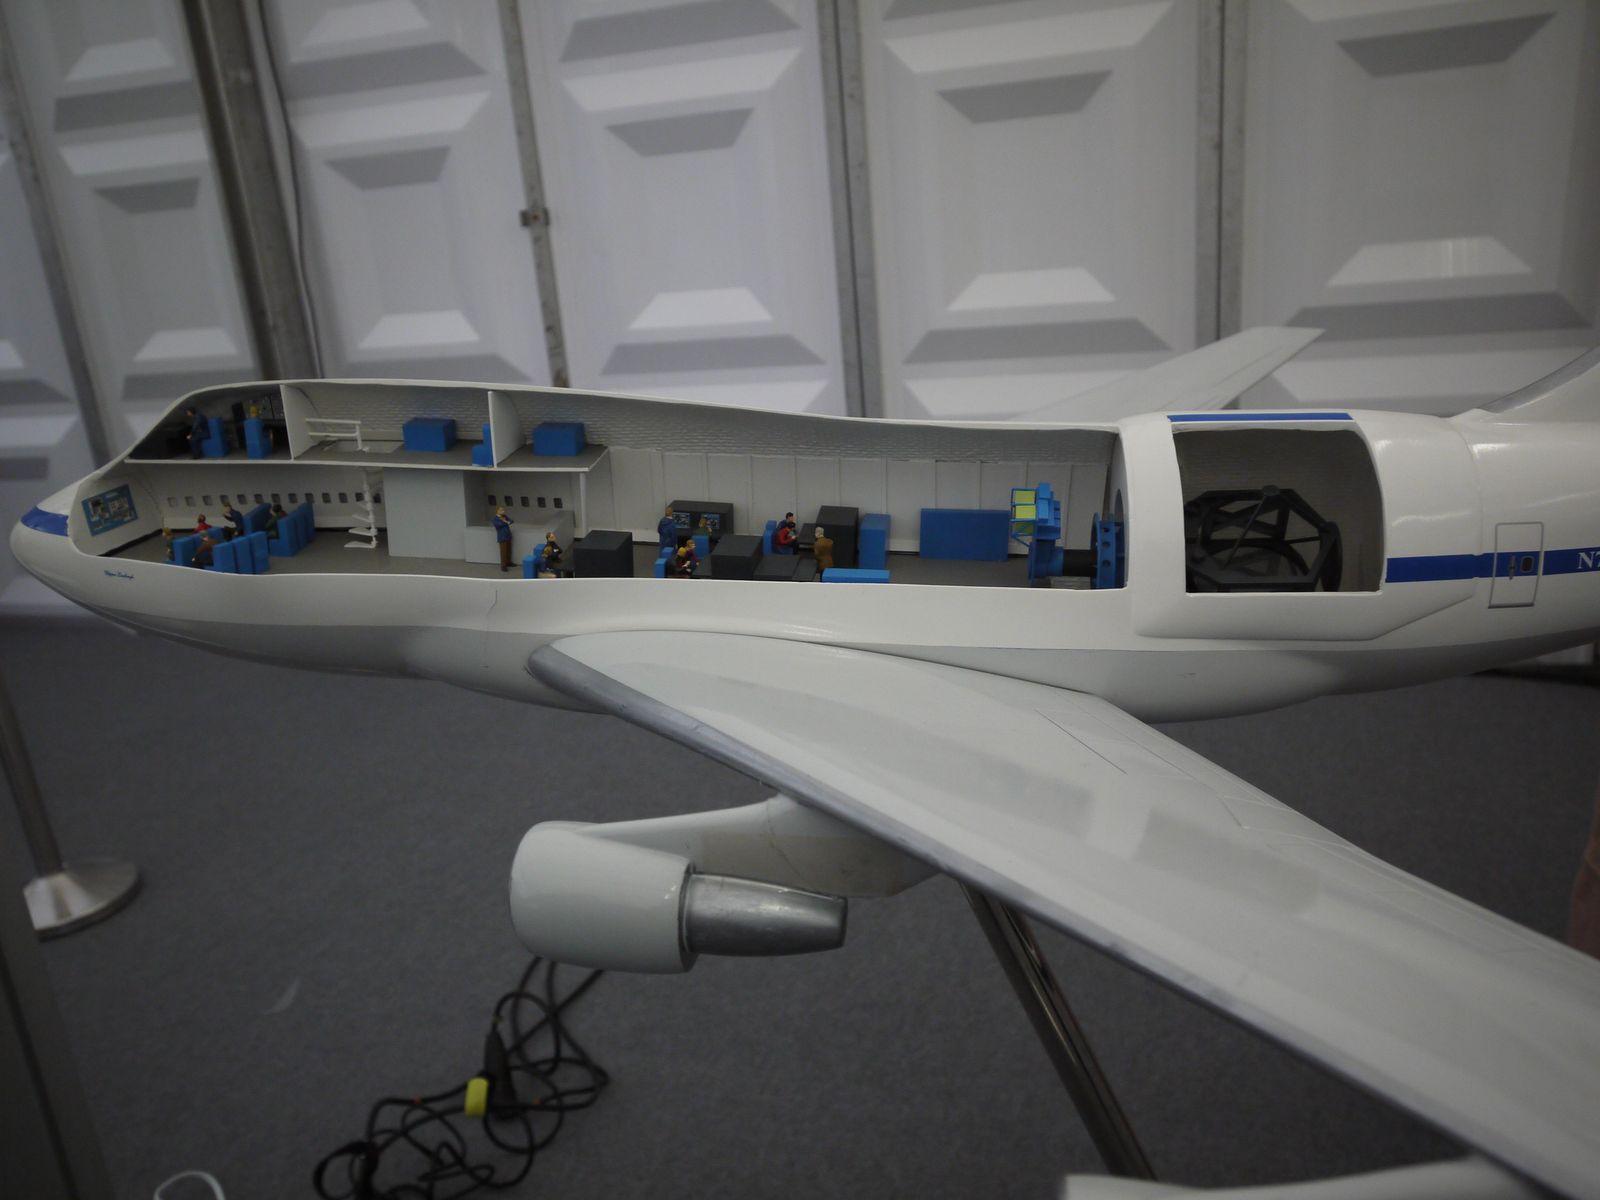 Spacetweetup le jour j cap sur l 39 espace for Interieur 747 cargo